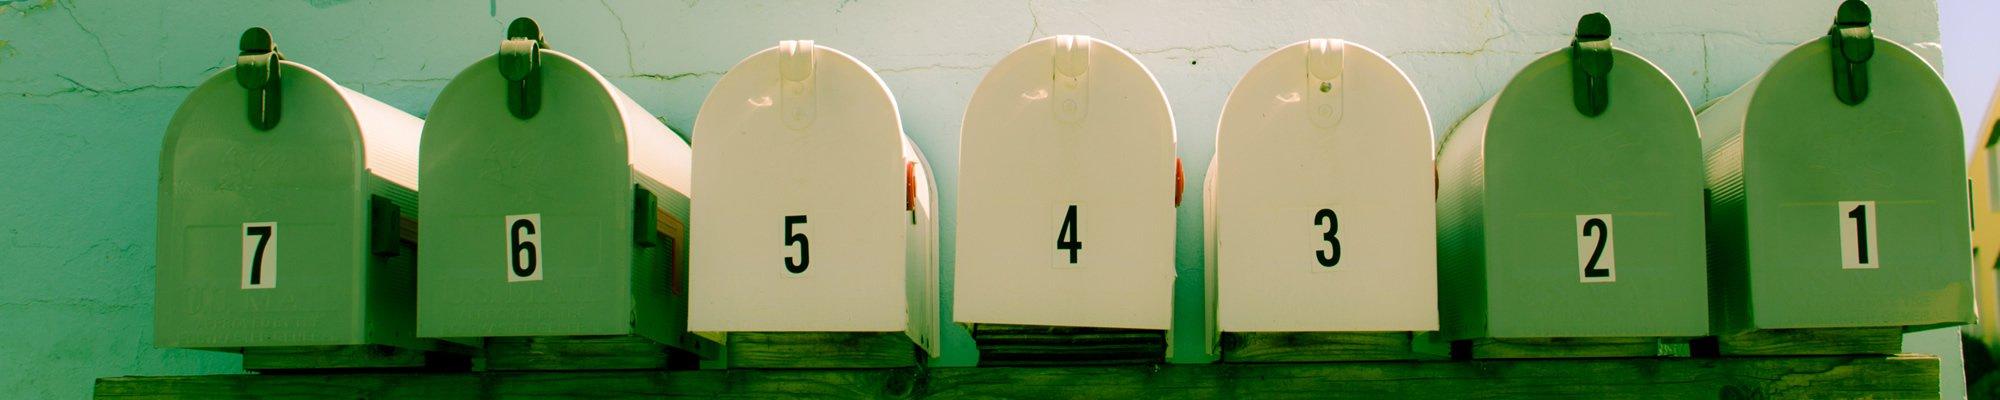 DMSforLegal integreert met veilig mailen oplossing van Zivver